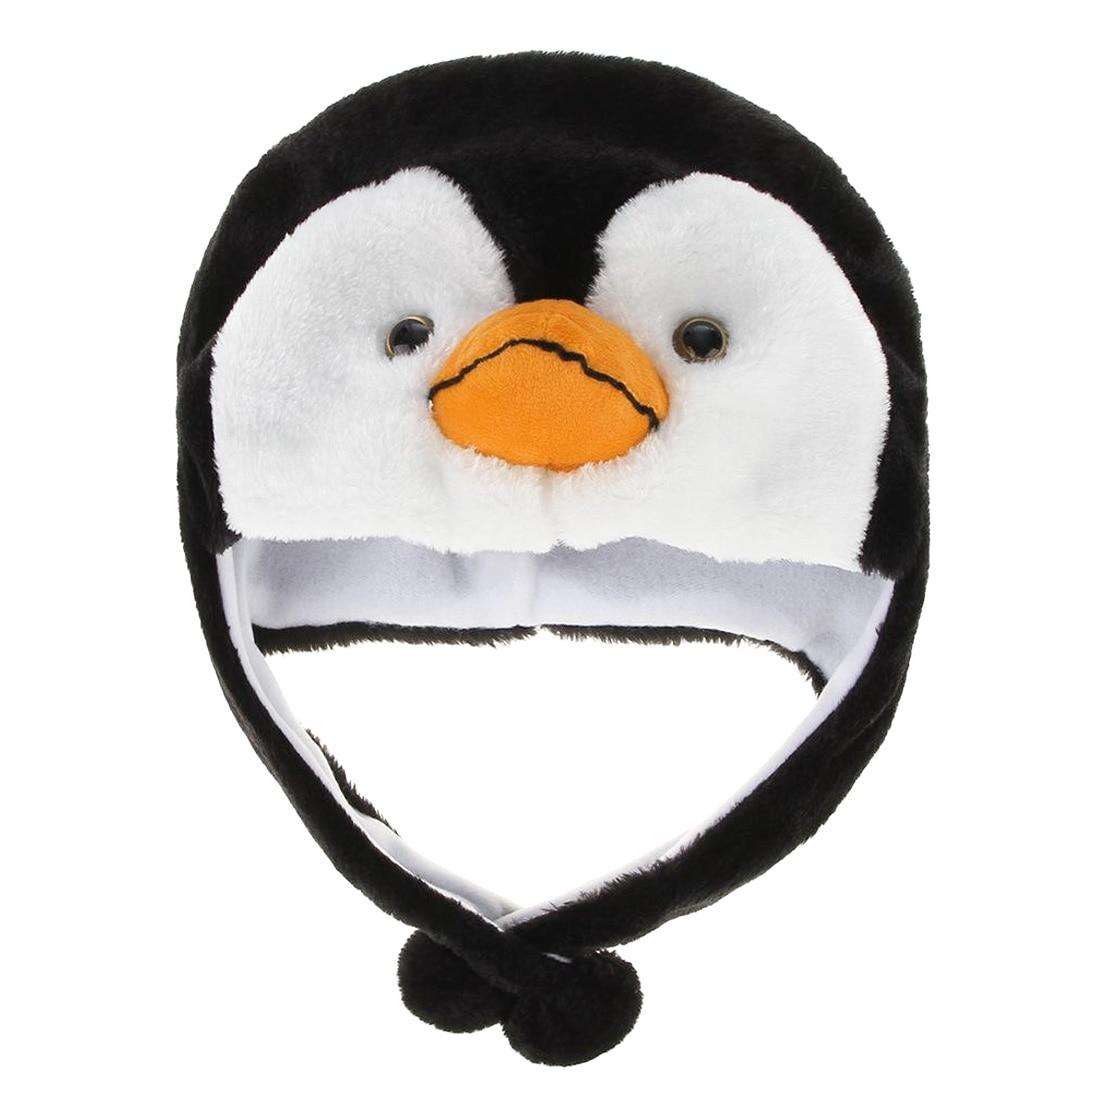 1 Pcs Cartoon Tier Pinguin Maskottchen Plüsch Warme Mütze Hut Wärmer Neue Pinguin Ohrenschützer